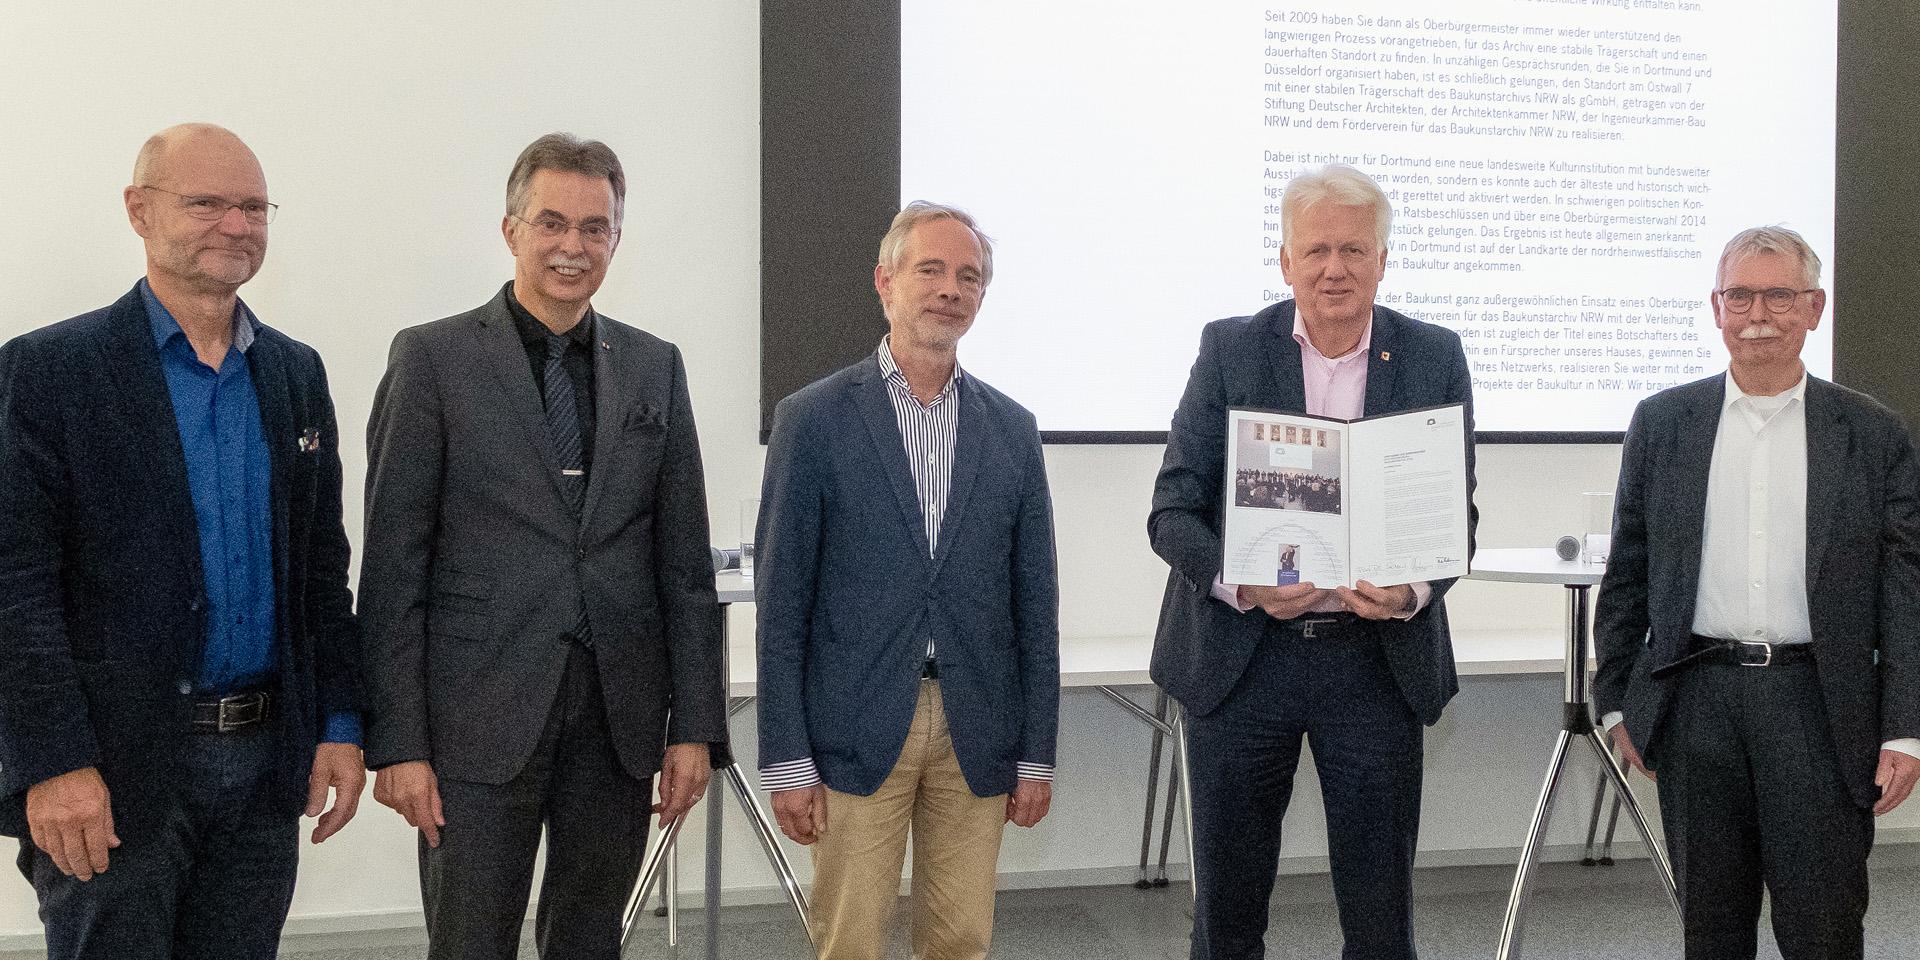 Dortmunds scheidender Oberbürgermeister Ullrich Sierau nimmt Ehrenurkunde des Fördervereins entgegen